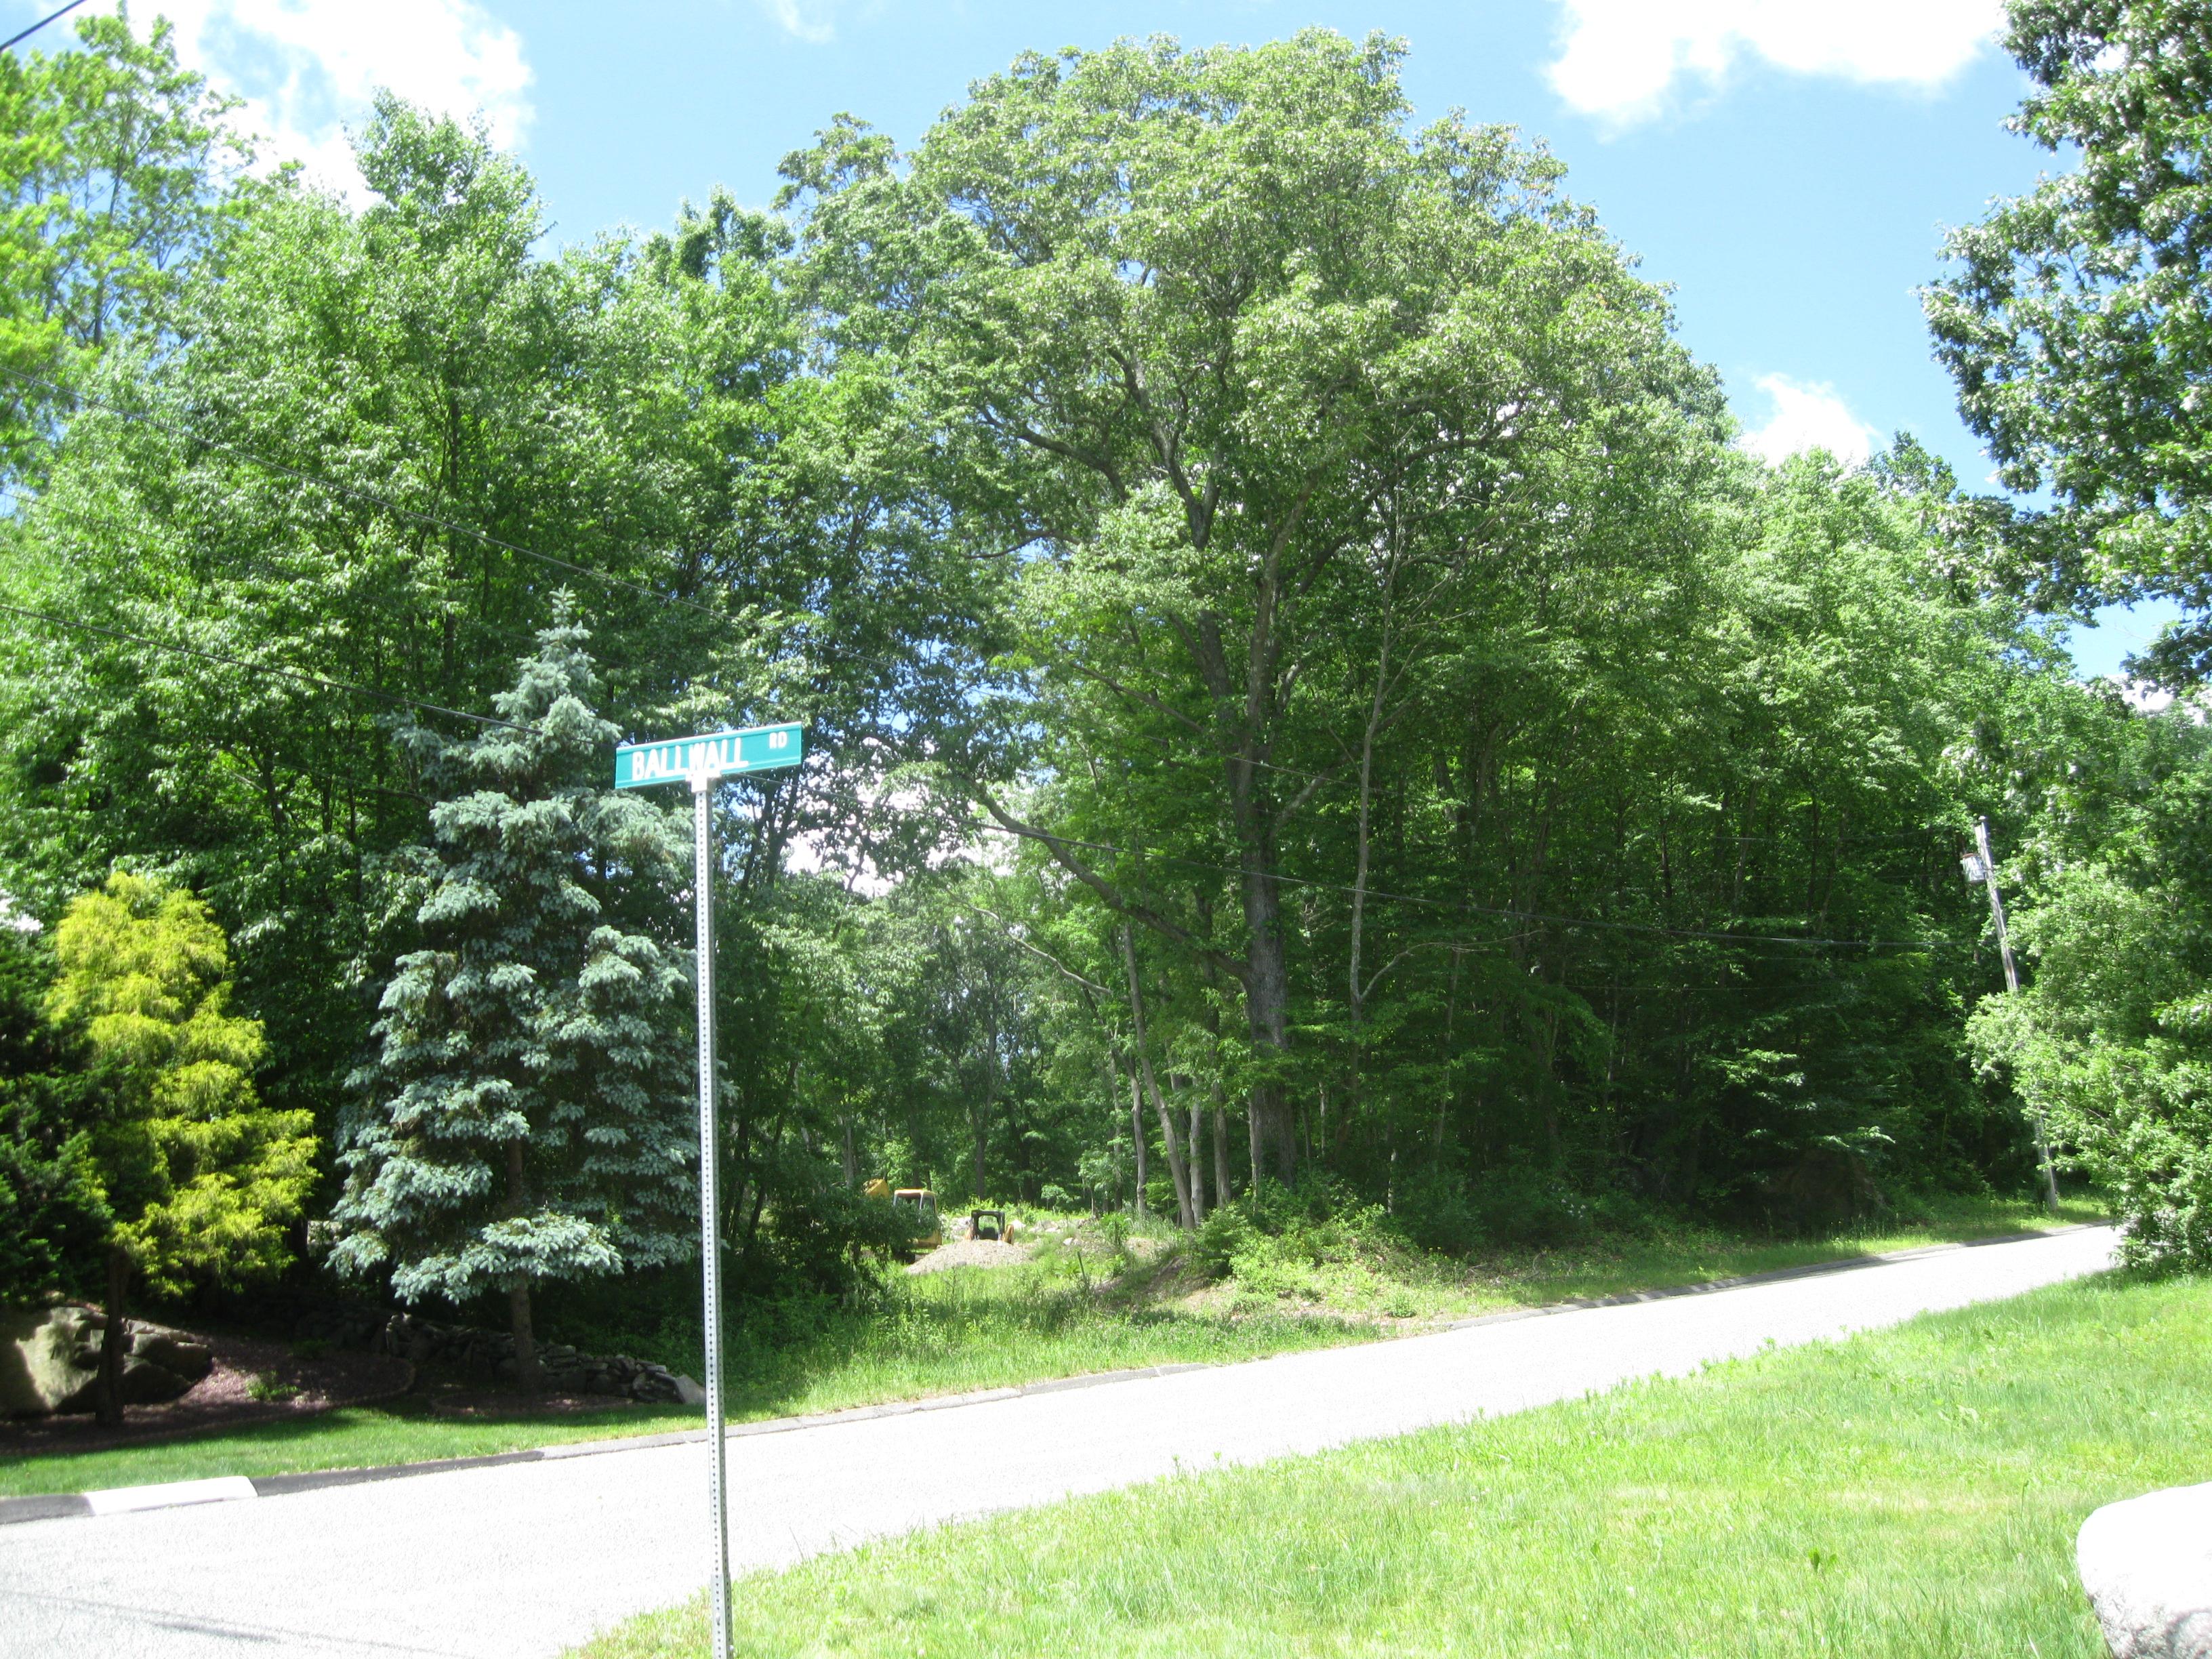 Земля для того Продажа на Approved Subdivision Lot in Established Easton Neighborhood 59 Tranquility Drive Easton, Коннектикут 06612 Соединенные Штаты